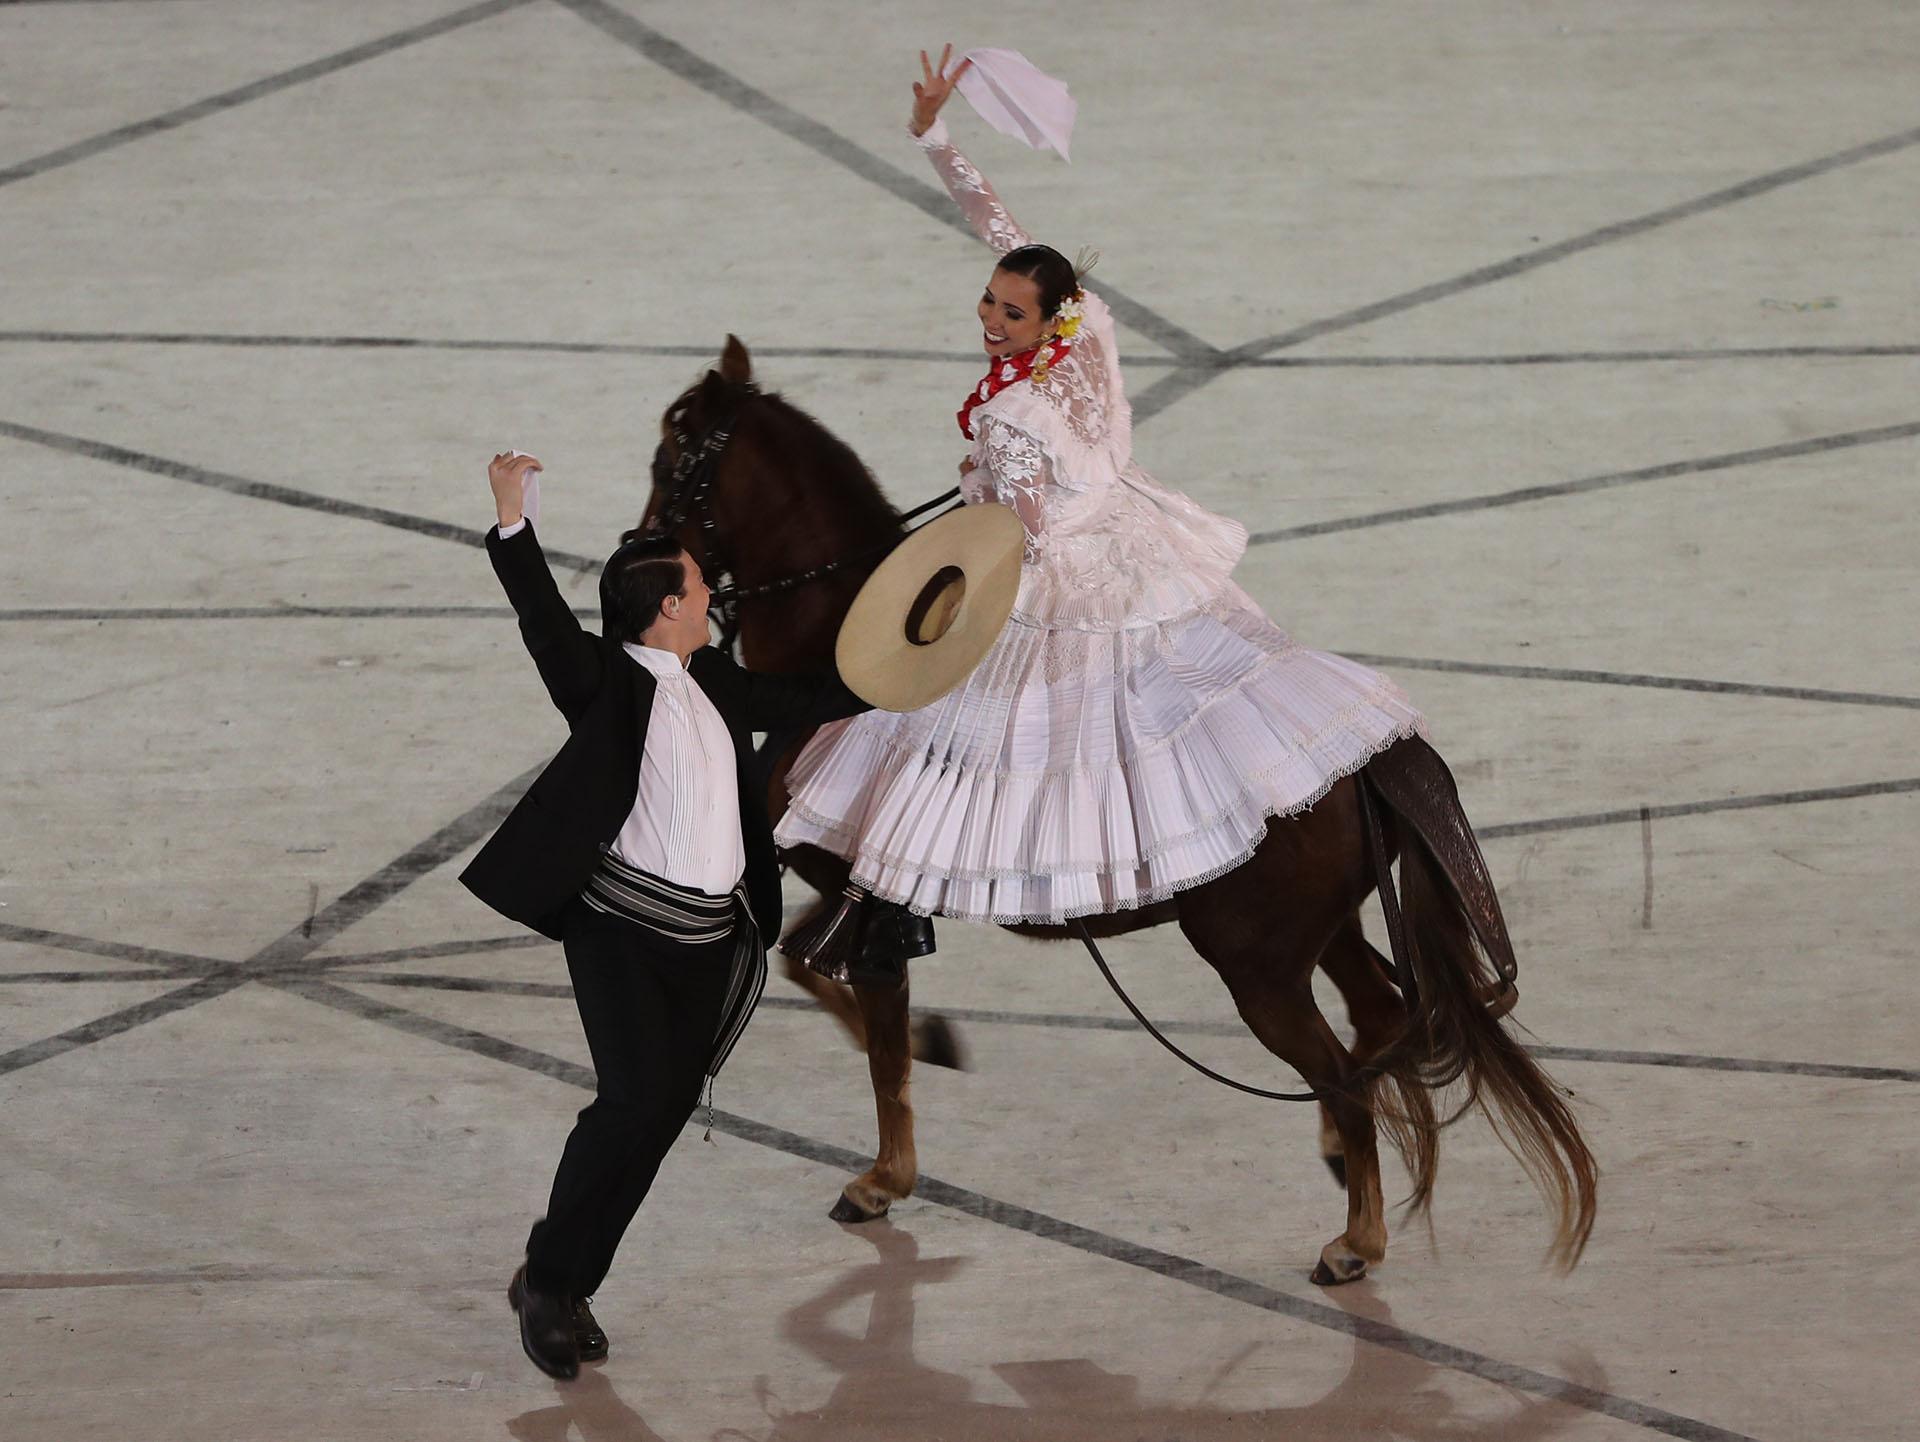 La ceremonia inaugural de los Juegos Panamericanos de Lima 2019 (REUTERS/Sergio Moraes)